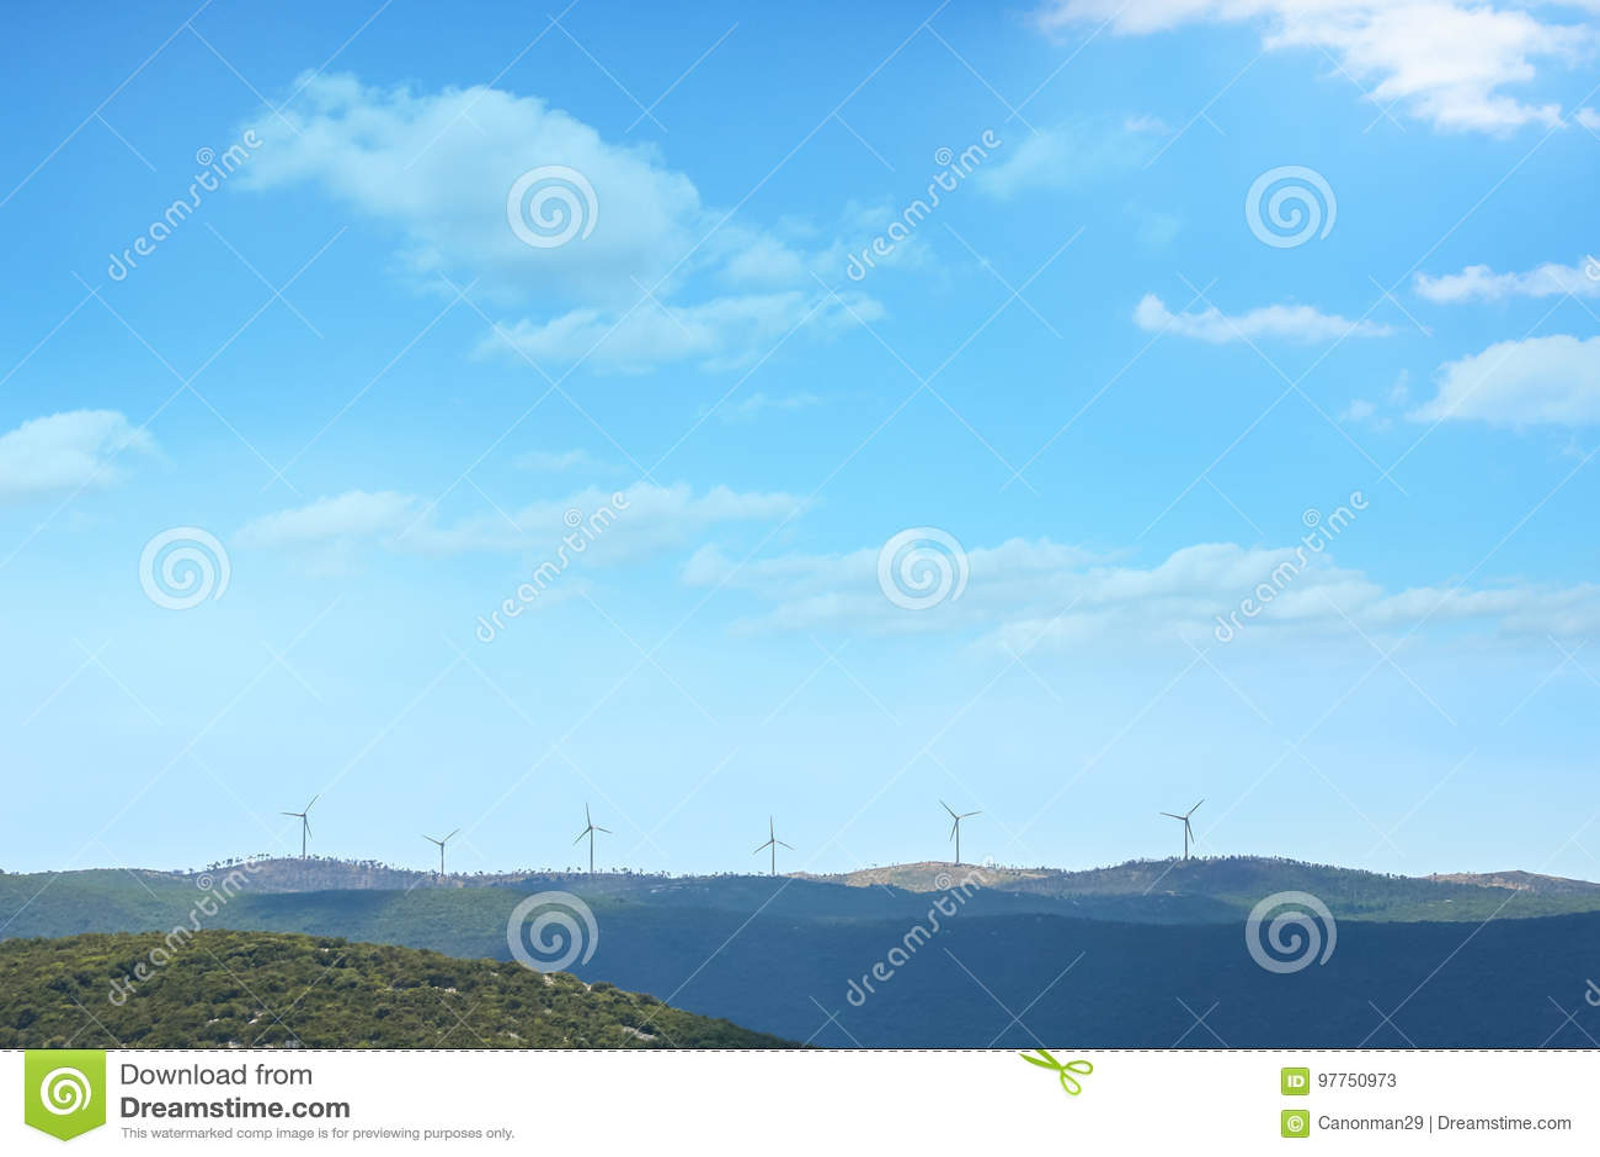 Moulins à vent sur la colline